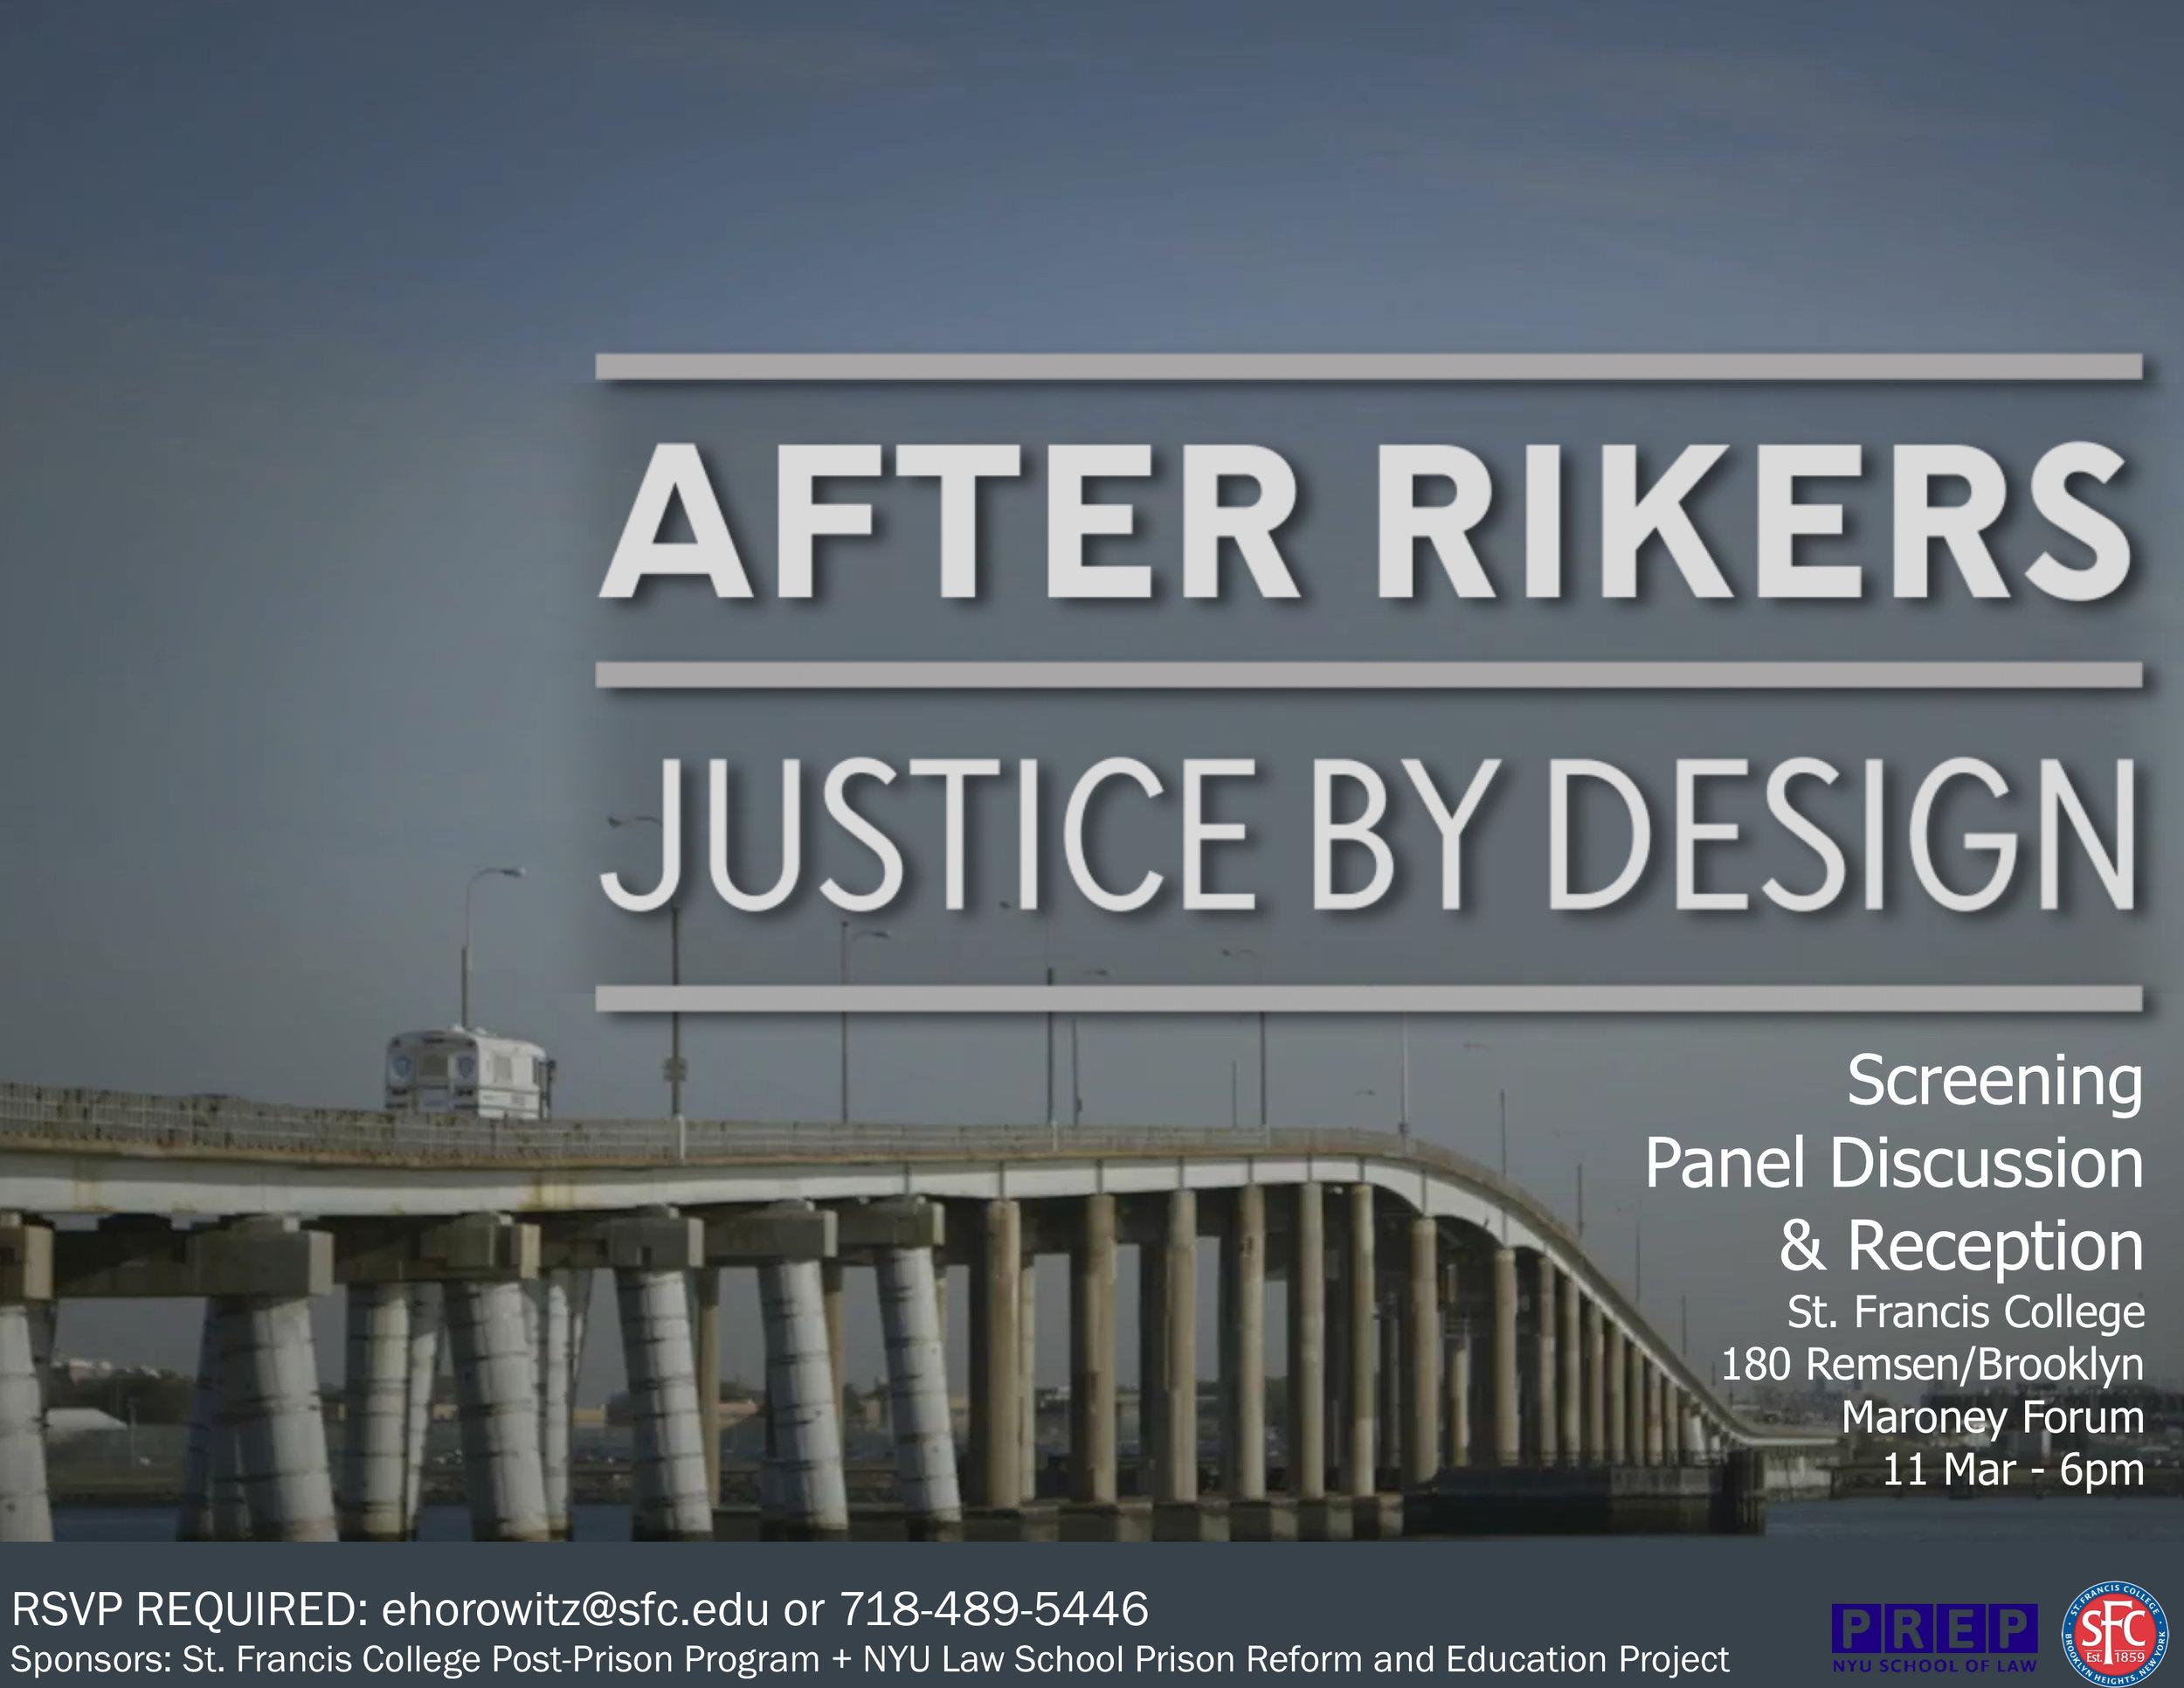 After Rikers FlyerJPEG.jpg